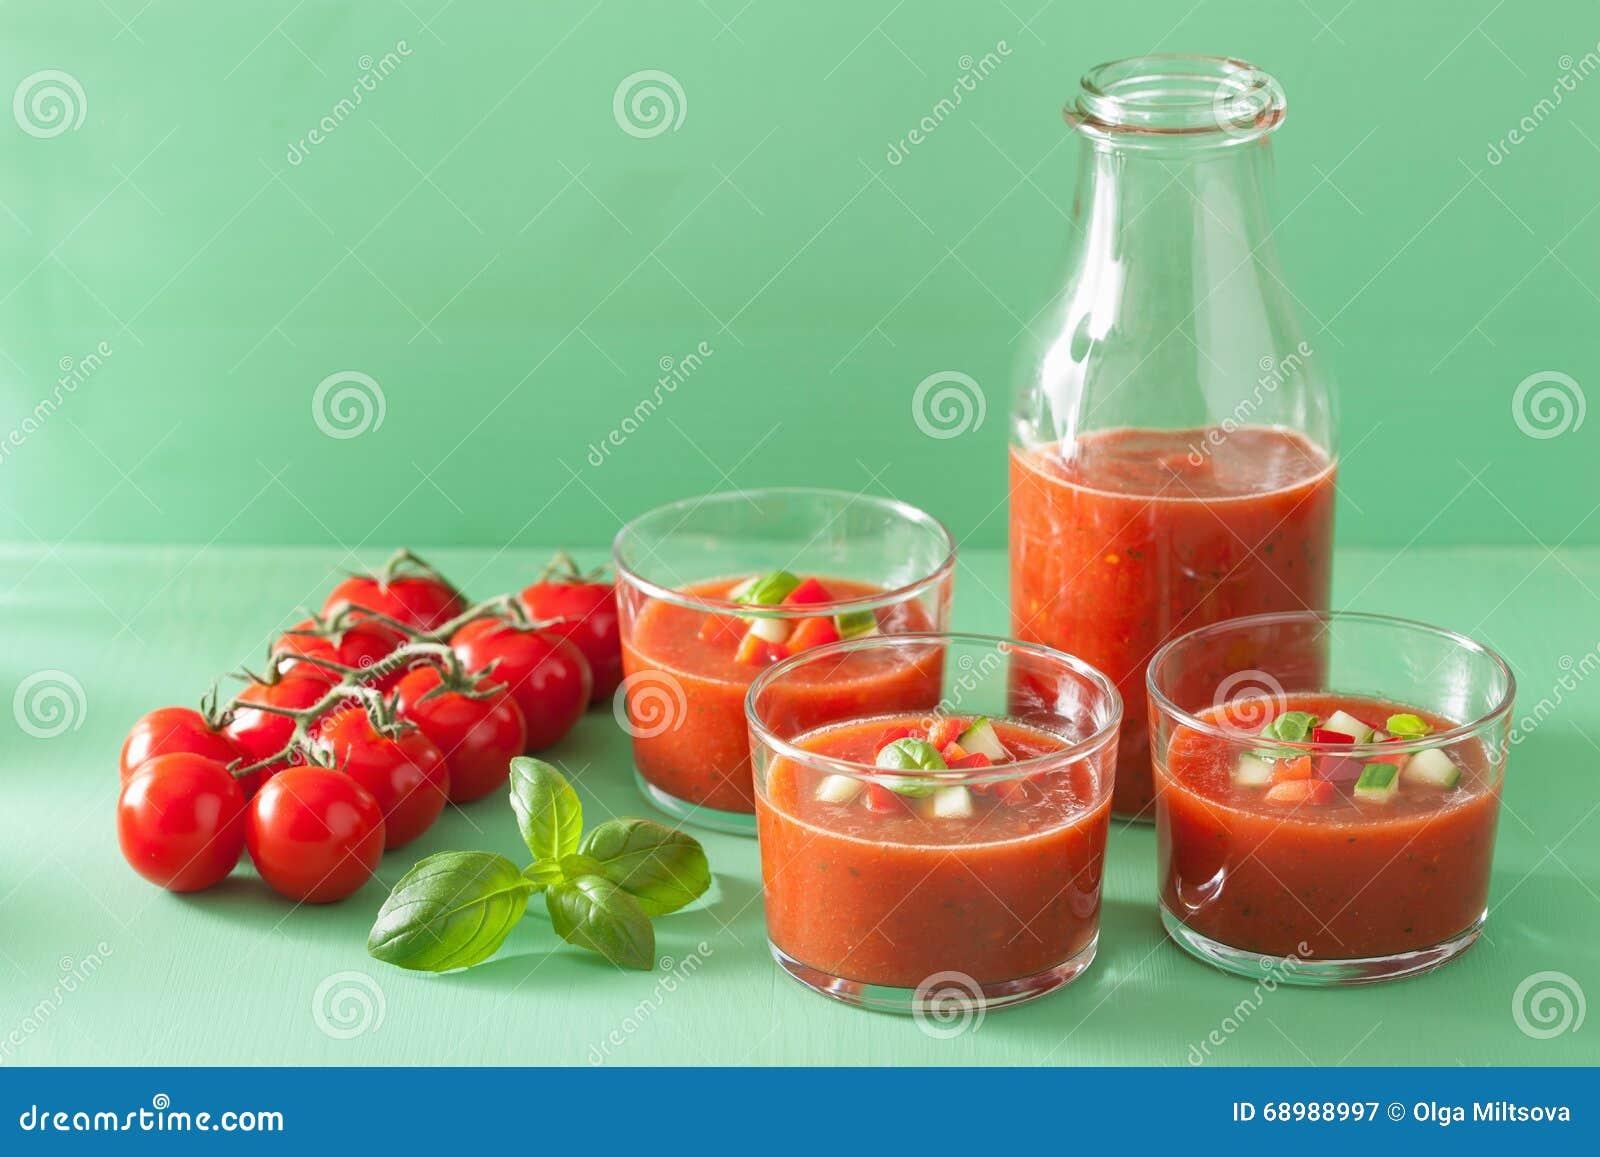 Kall gazpachotomatsoppa i exponeringsglas